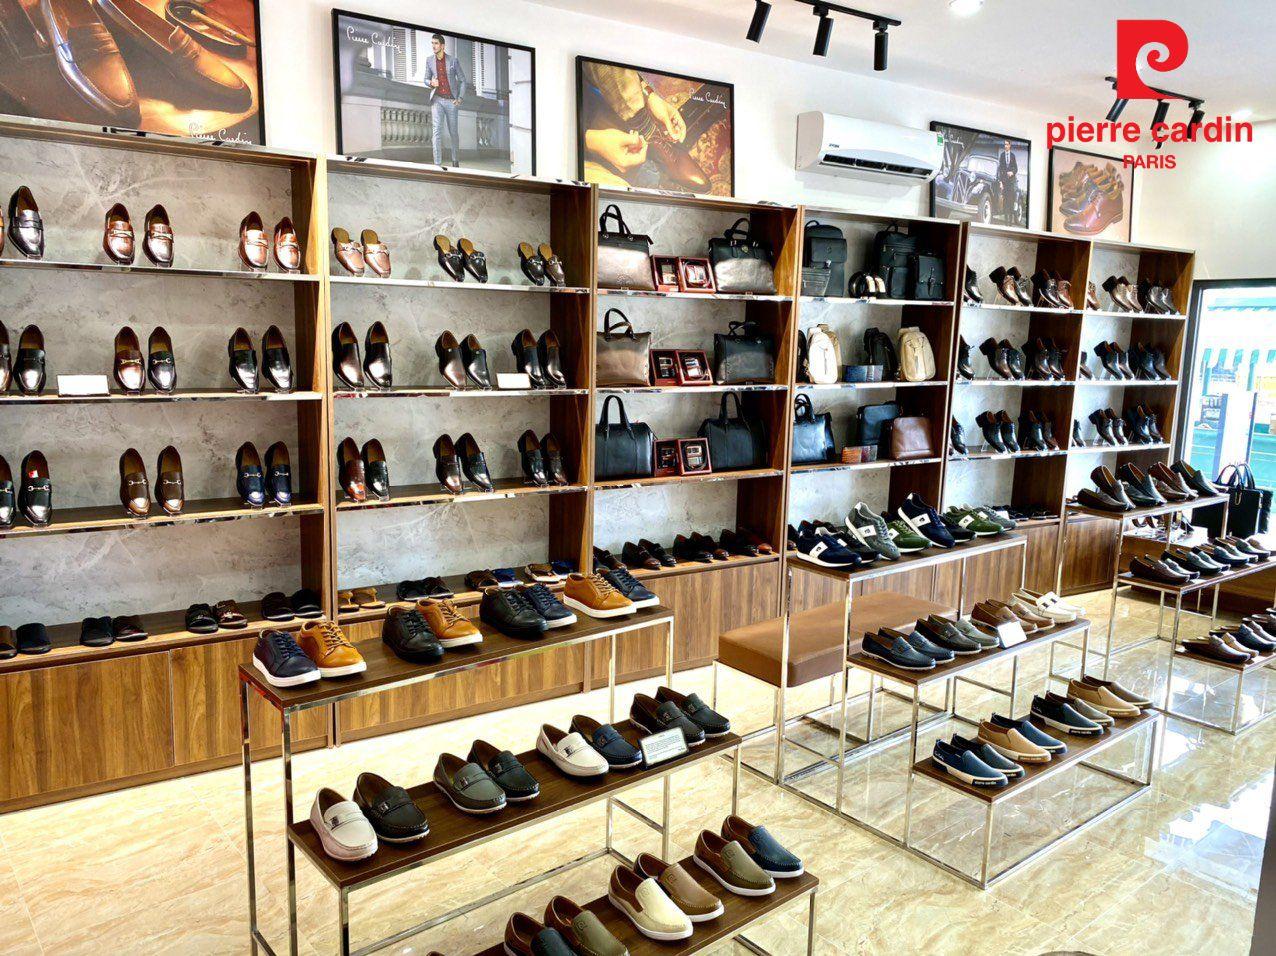 Pierre Cardin Shoes Việt Nam tăng trưởng gấp hai lần trong Covid-19  vì thế công ty mẹ tại Pháp chọn Việt Nam là điểm đến lý tưởng, khai trương đồng loạt 6 chi nhánh mới.